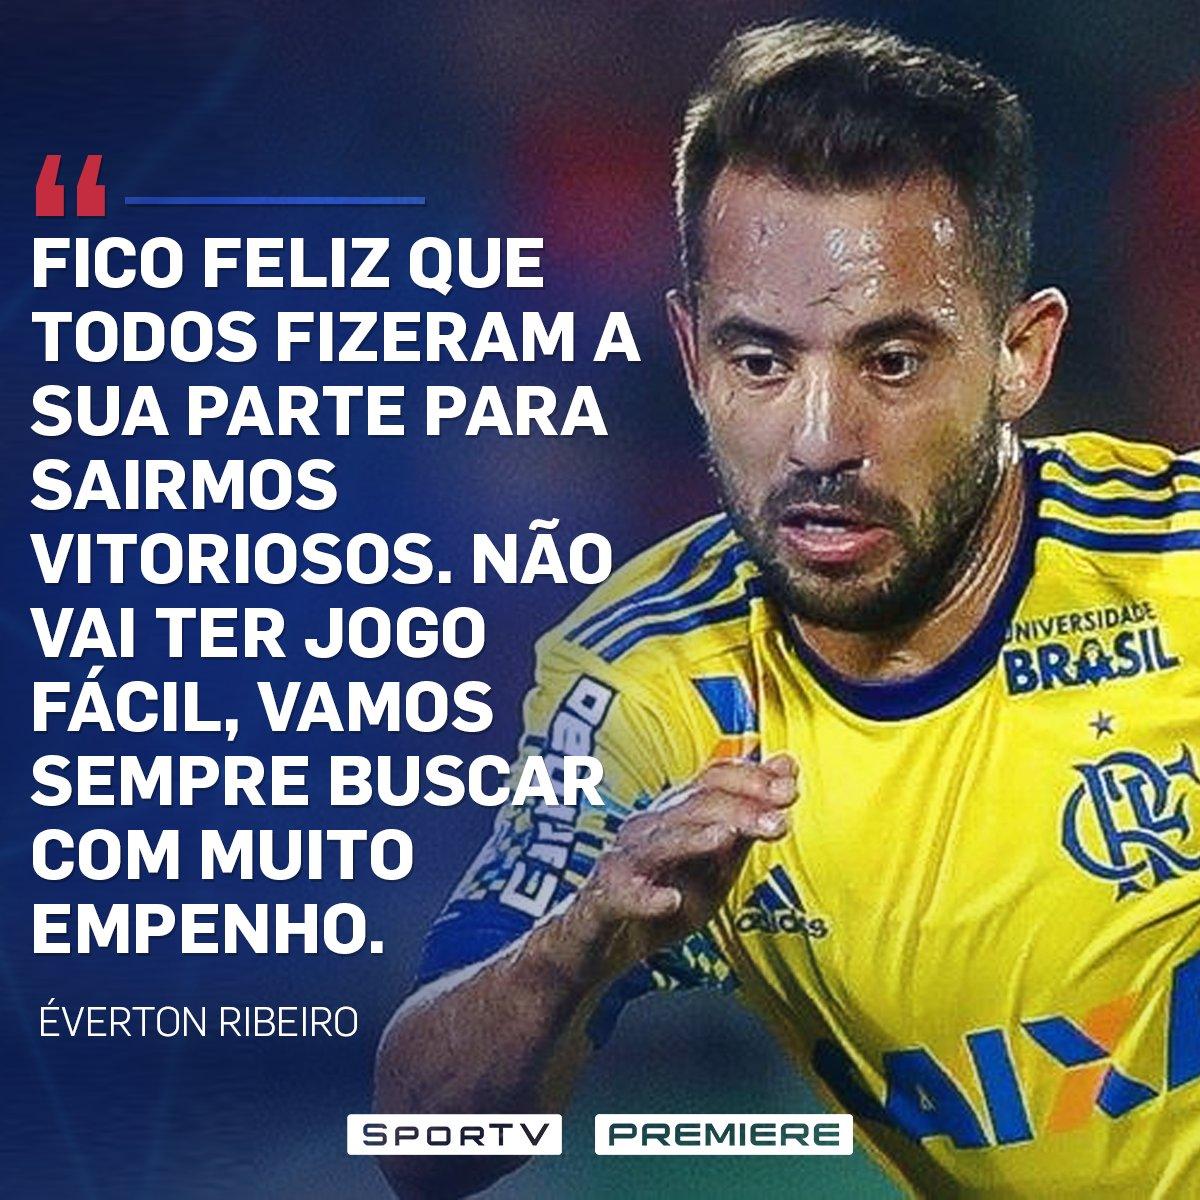 A união faz a força! 💪 #BrasileiraoNoSporTV #NossoFutebol